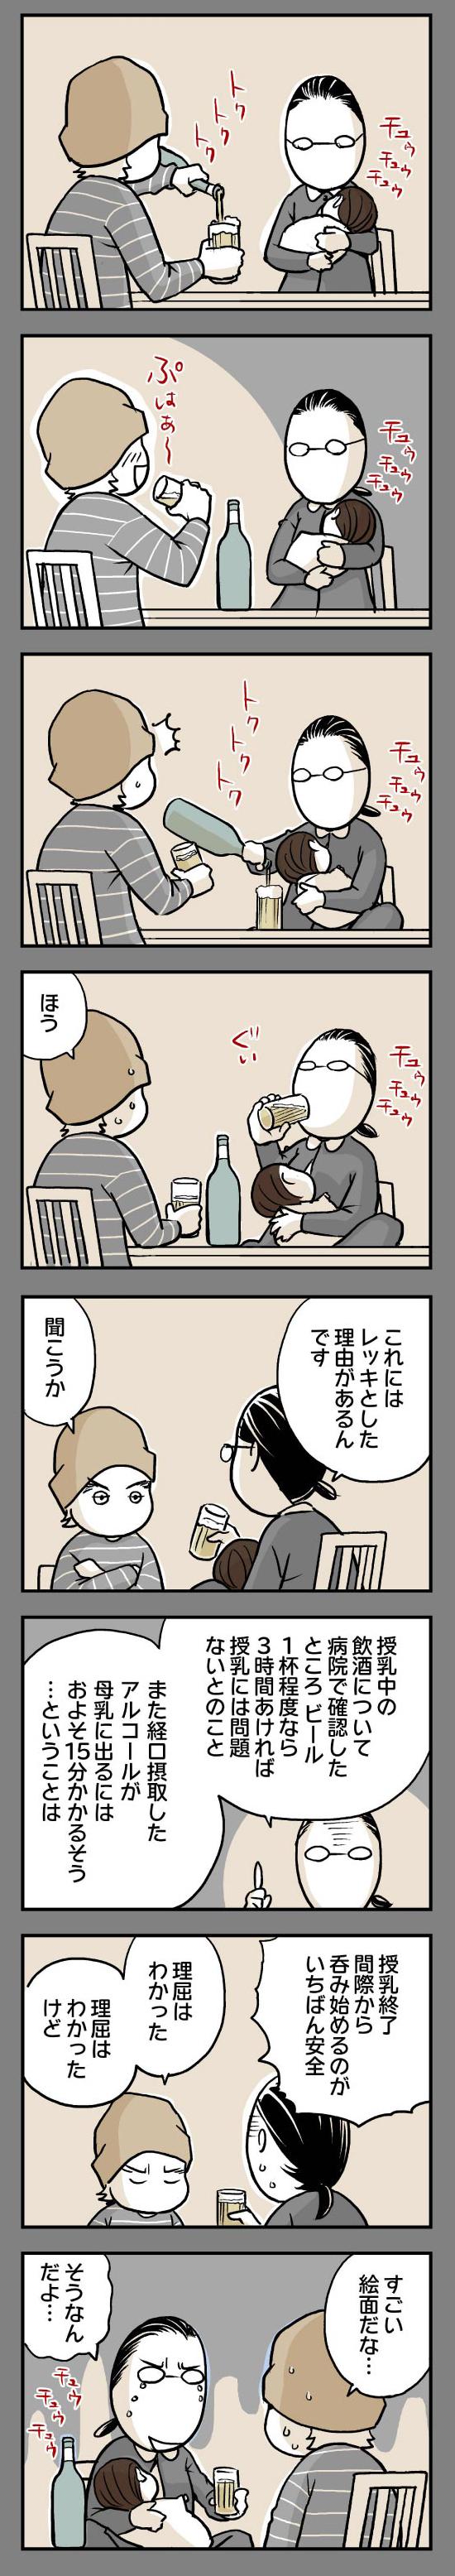 reニブンノイクジ_09